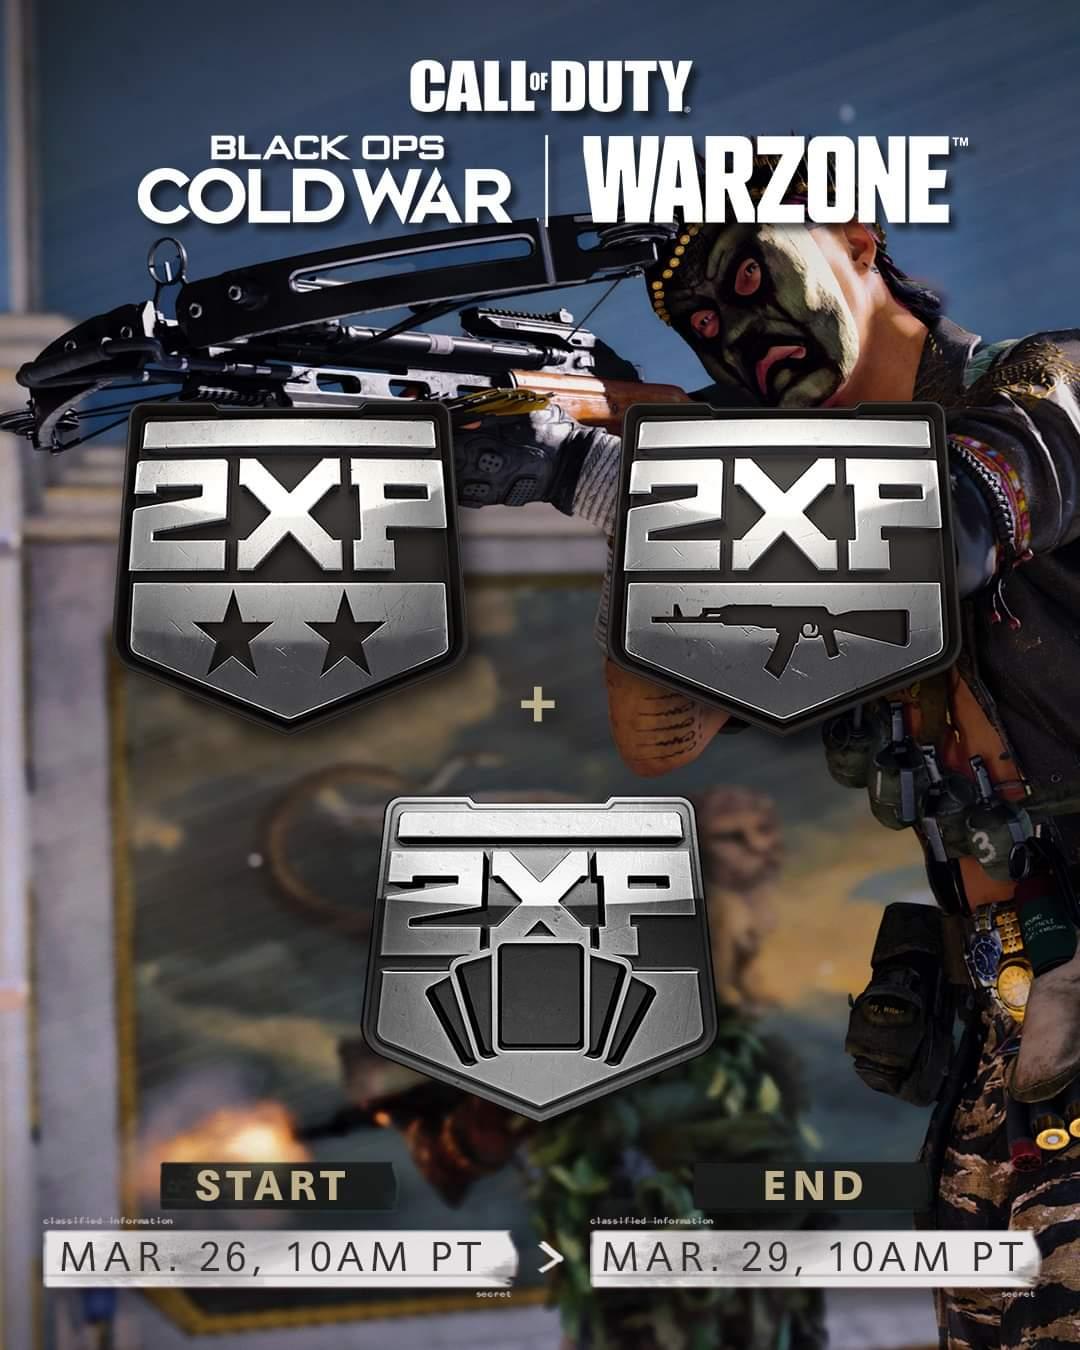 COD warzone y cold war: Fin de semana 2XP niveles, armas ypase de batalla.